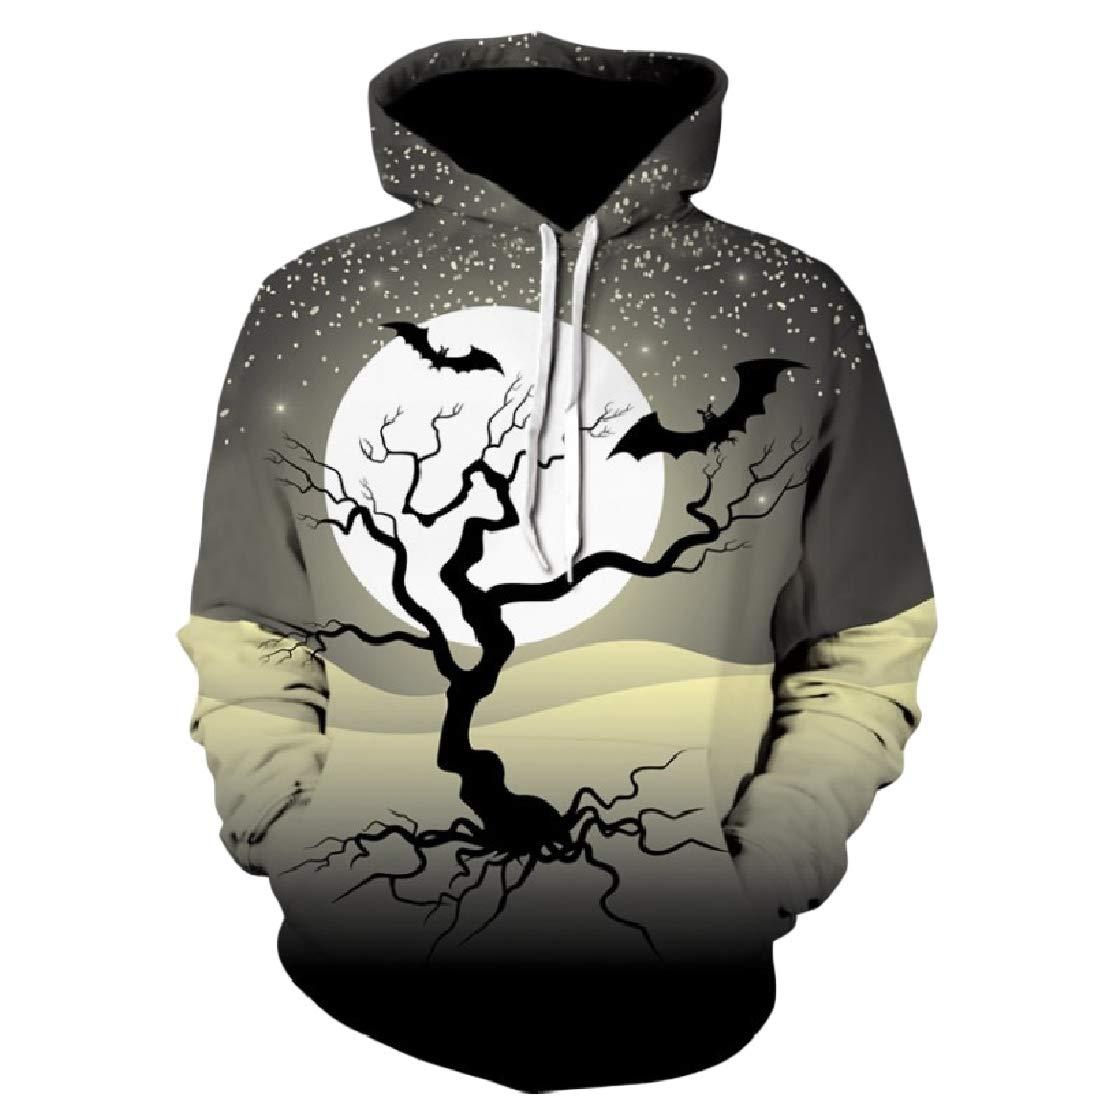 YUNY Women Oversized Halloween Hood Floral Pocket Lounge Sweatshirts Pattern5 2XL